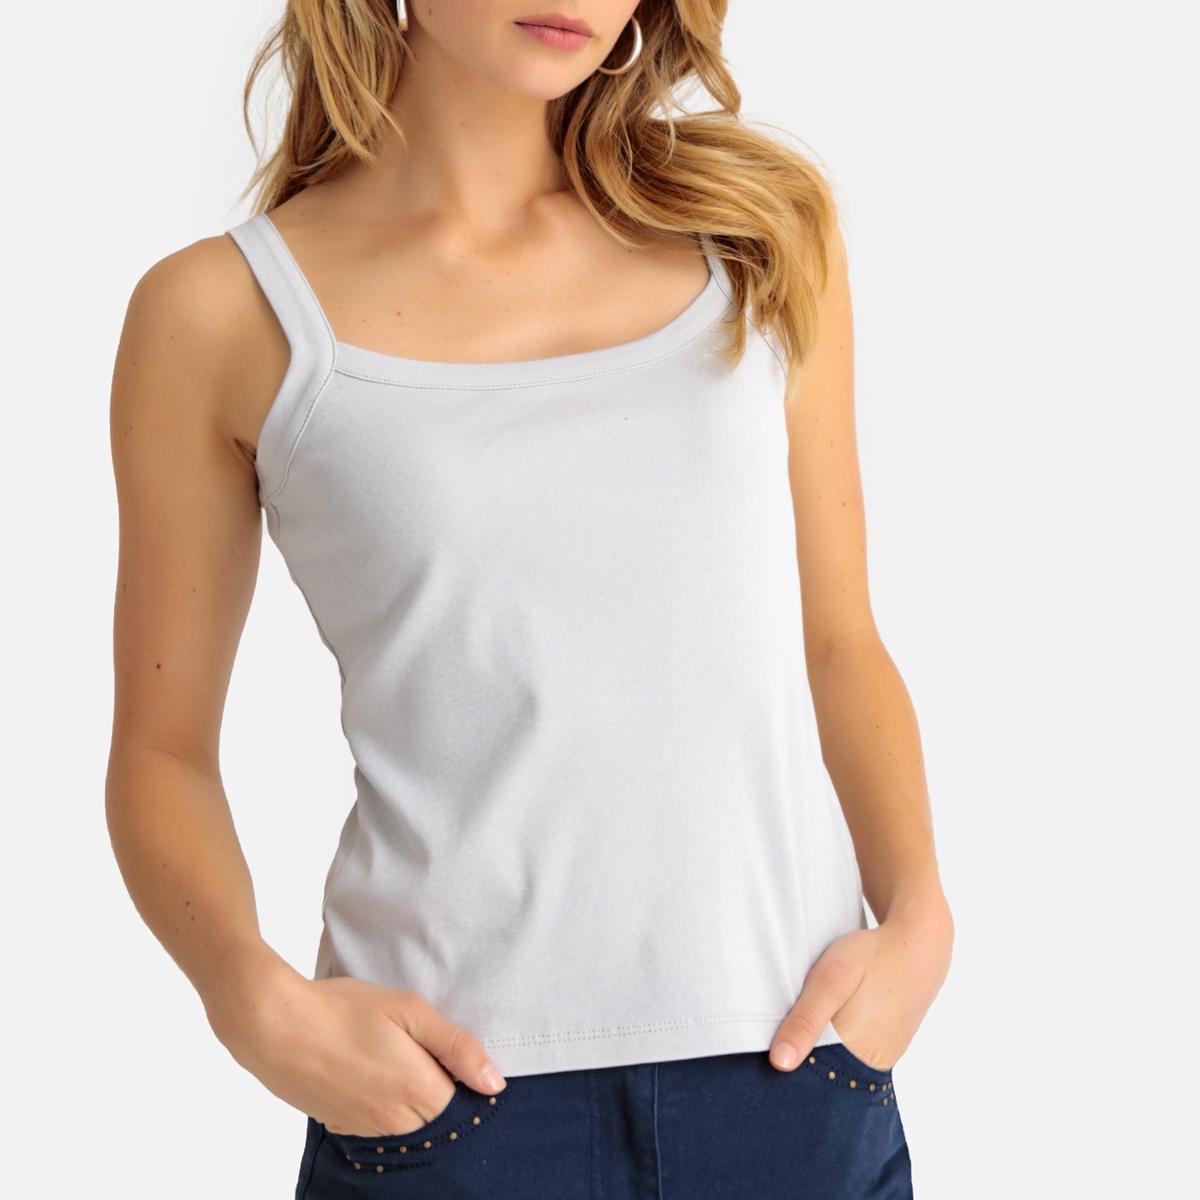 Imagen principal de producto de Camiseta sin mangas 100% algodón peinado - Anne weyburn